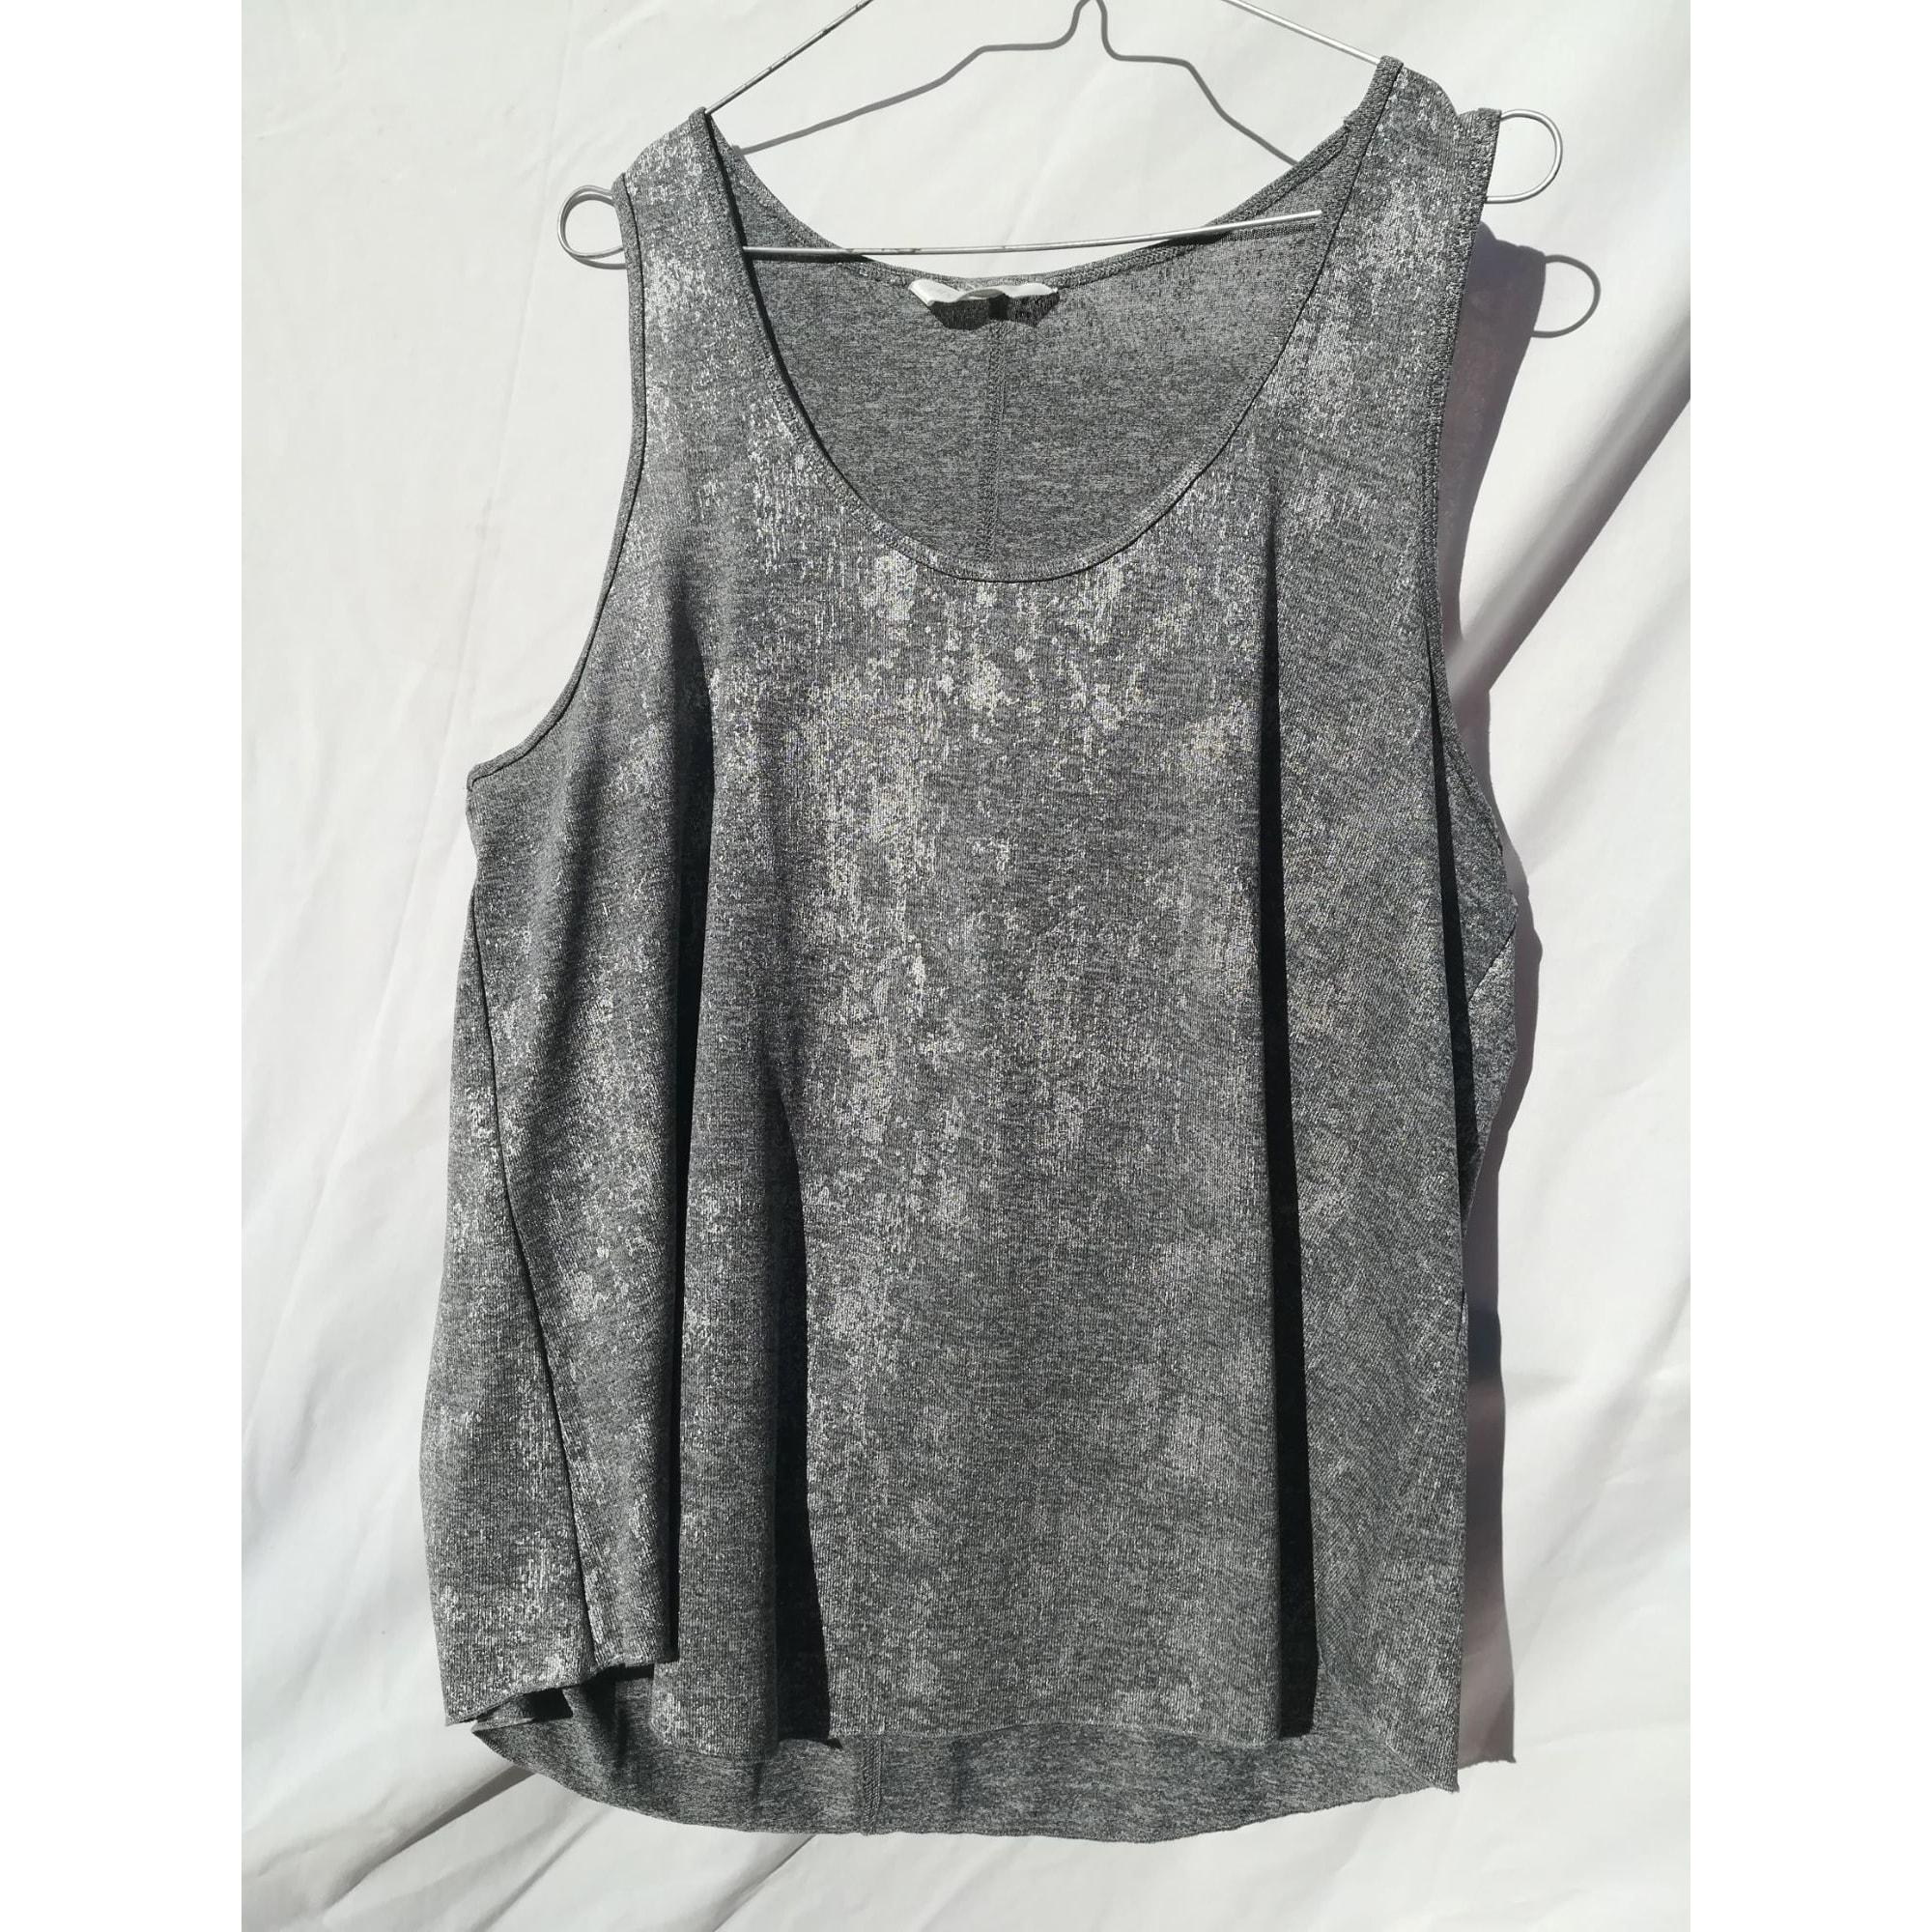 Top, tee-shirt H&M Argenté, acier